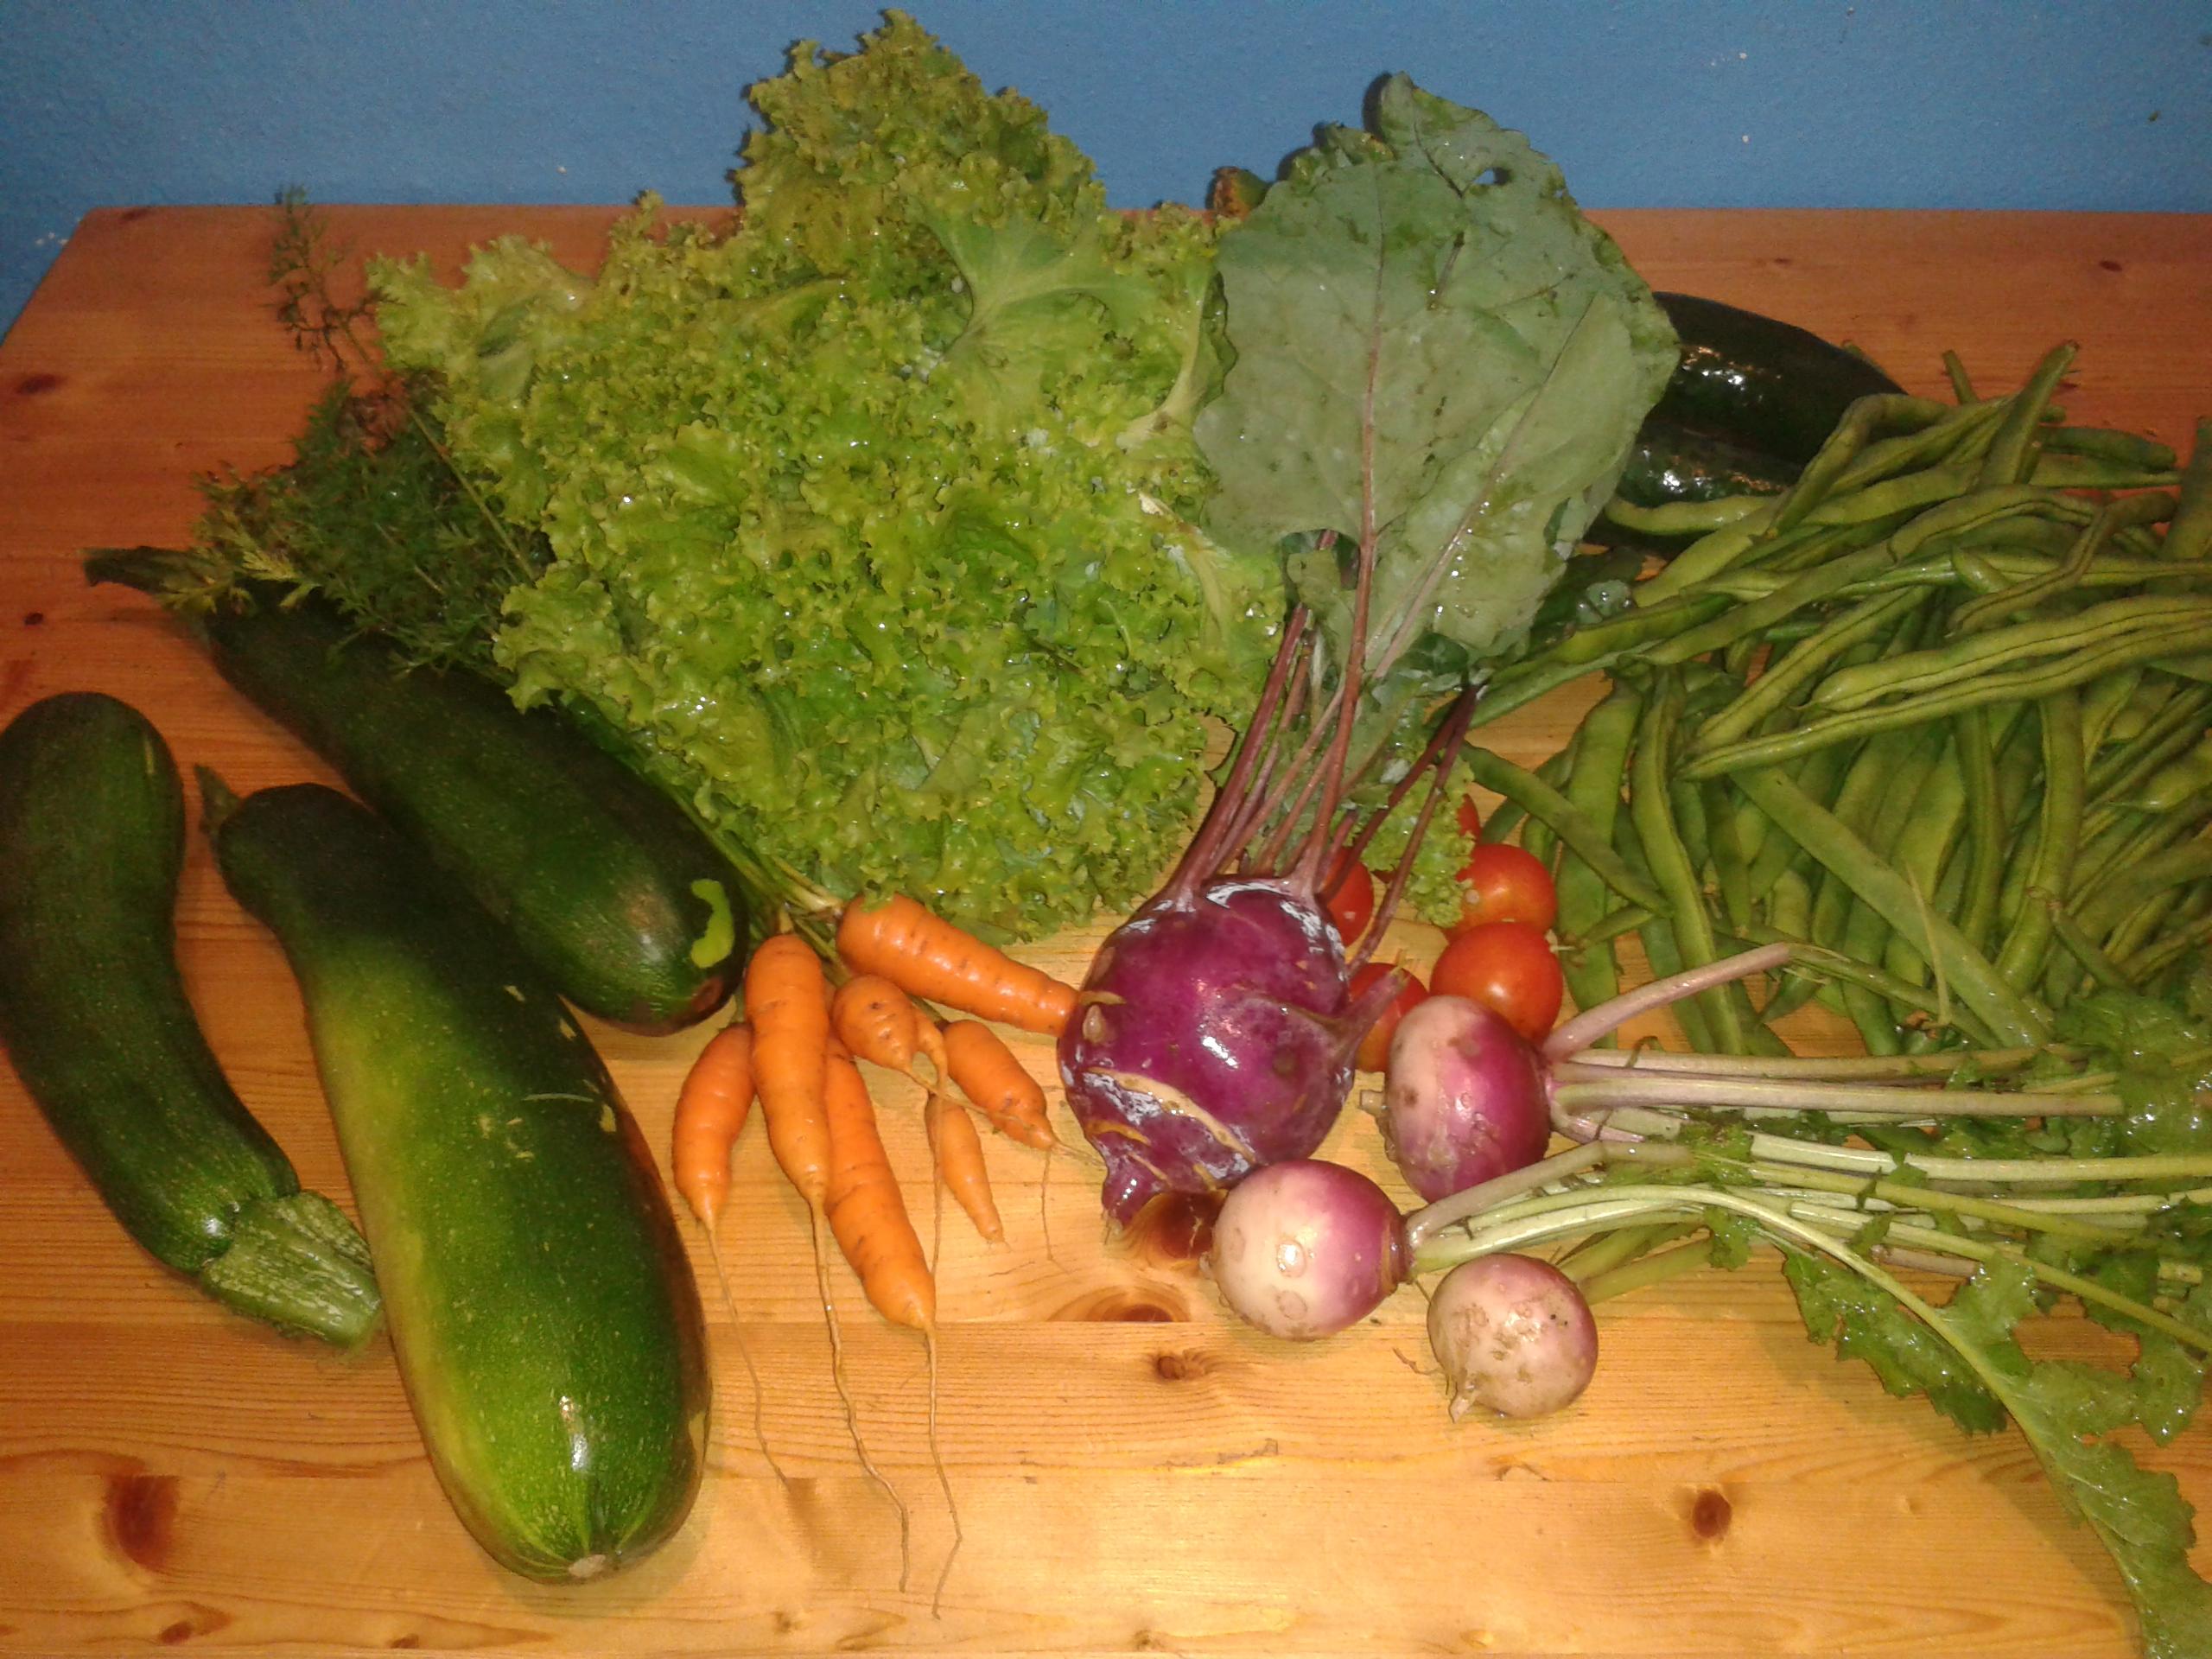 Die Ernte fürs Wochenende: Karotten, Zucchini, Kohlrabi, Mairübchen, Gurken, Bohnen, Salat und Tomaten